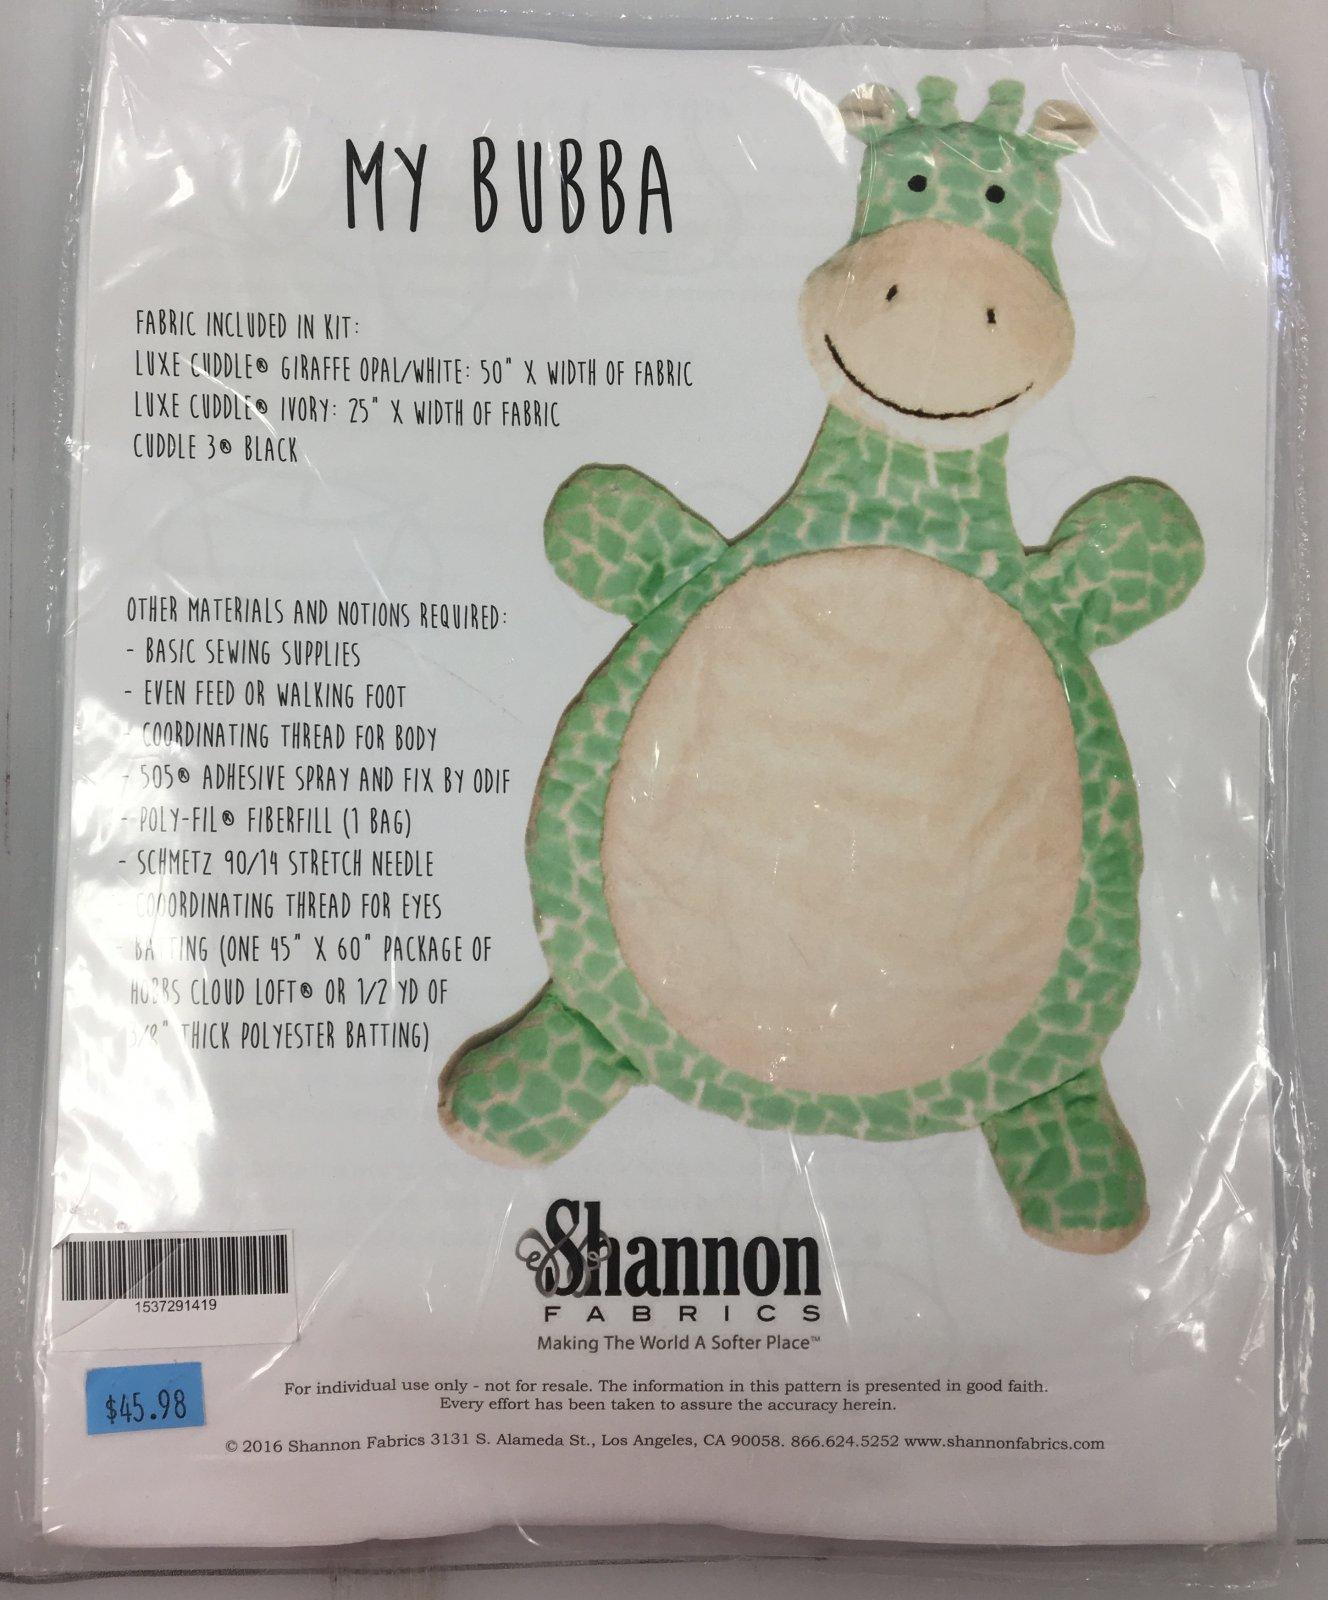 My Bubba Green